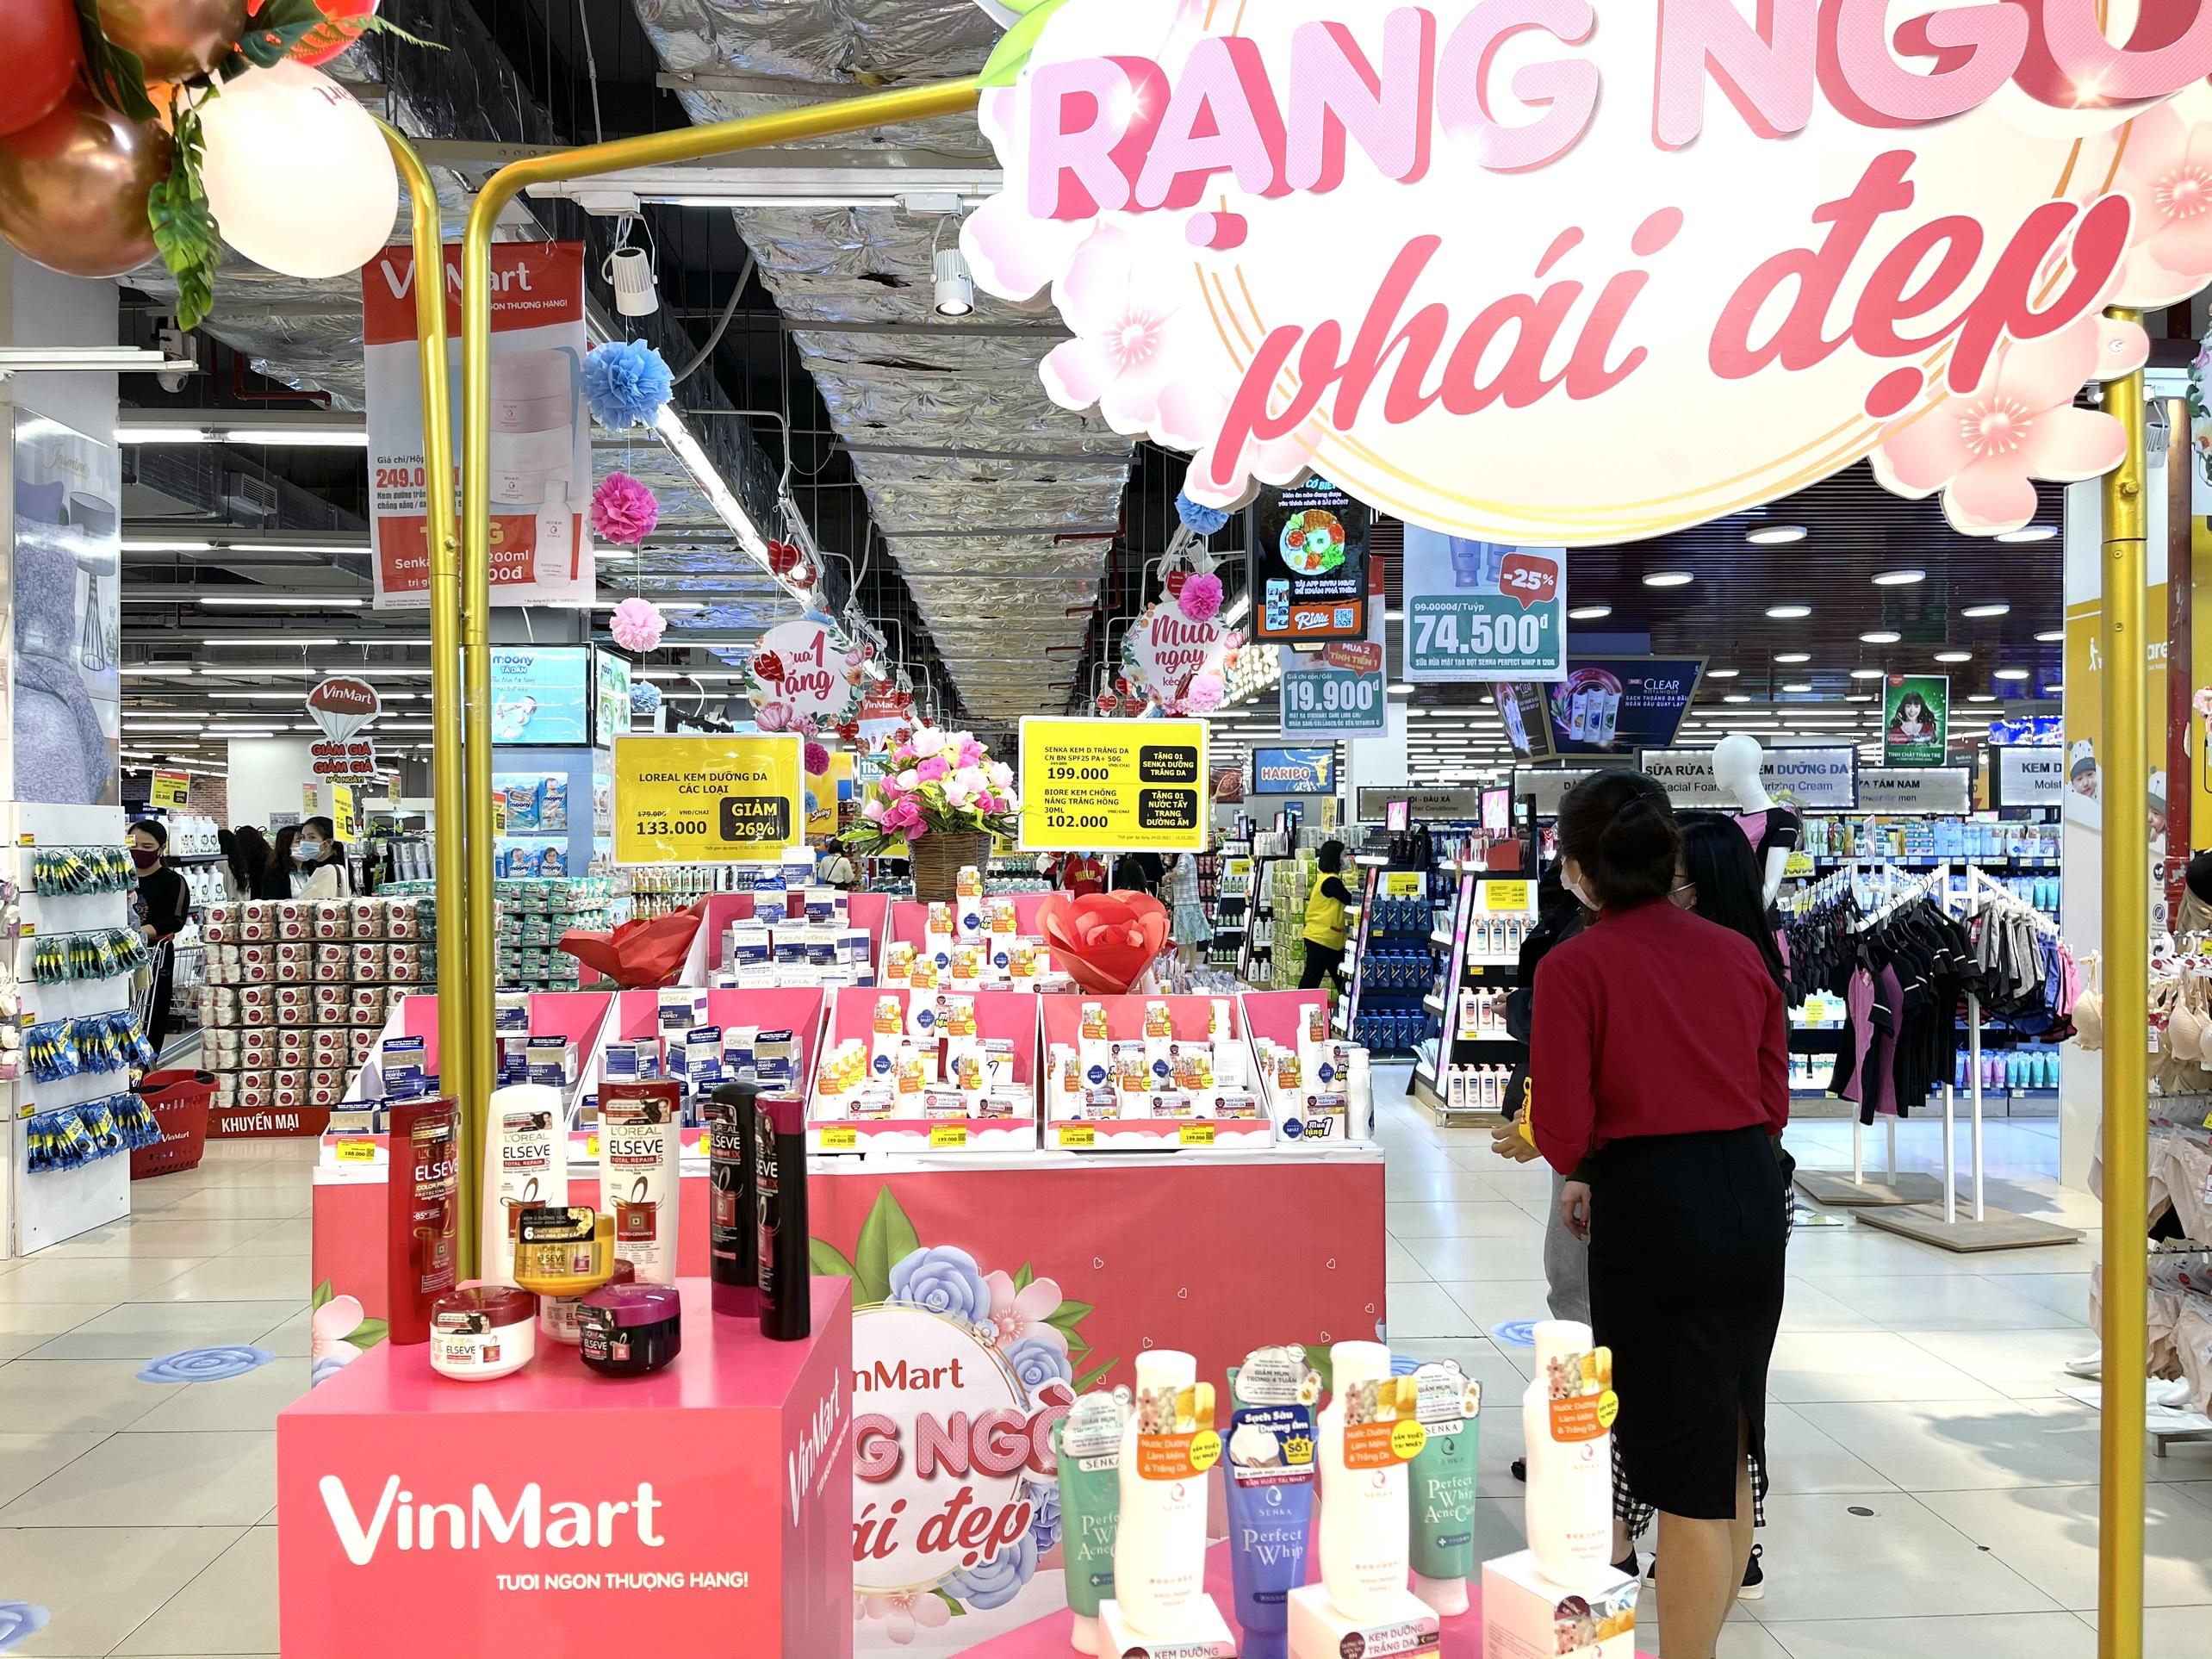 VinMart/VinMart+ khuyến mãi khủng lên đến 50% hàng trăm sản phẩm làm đẹp trong dịp 8/3 4